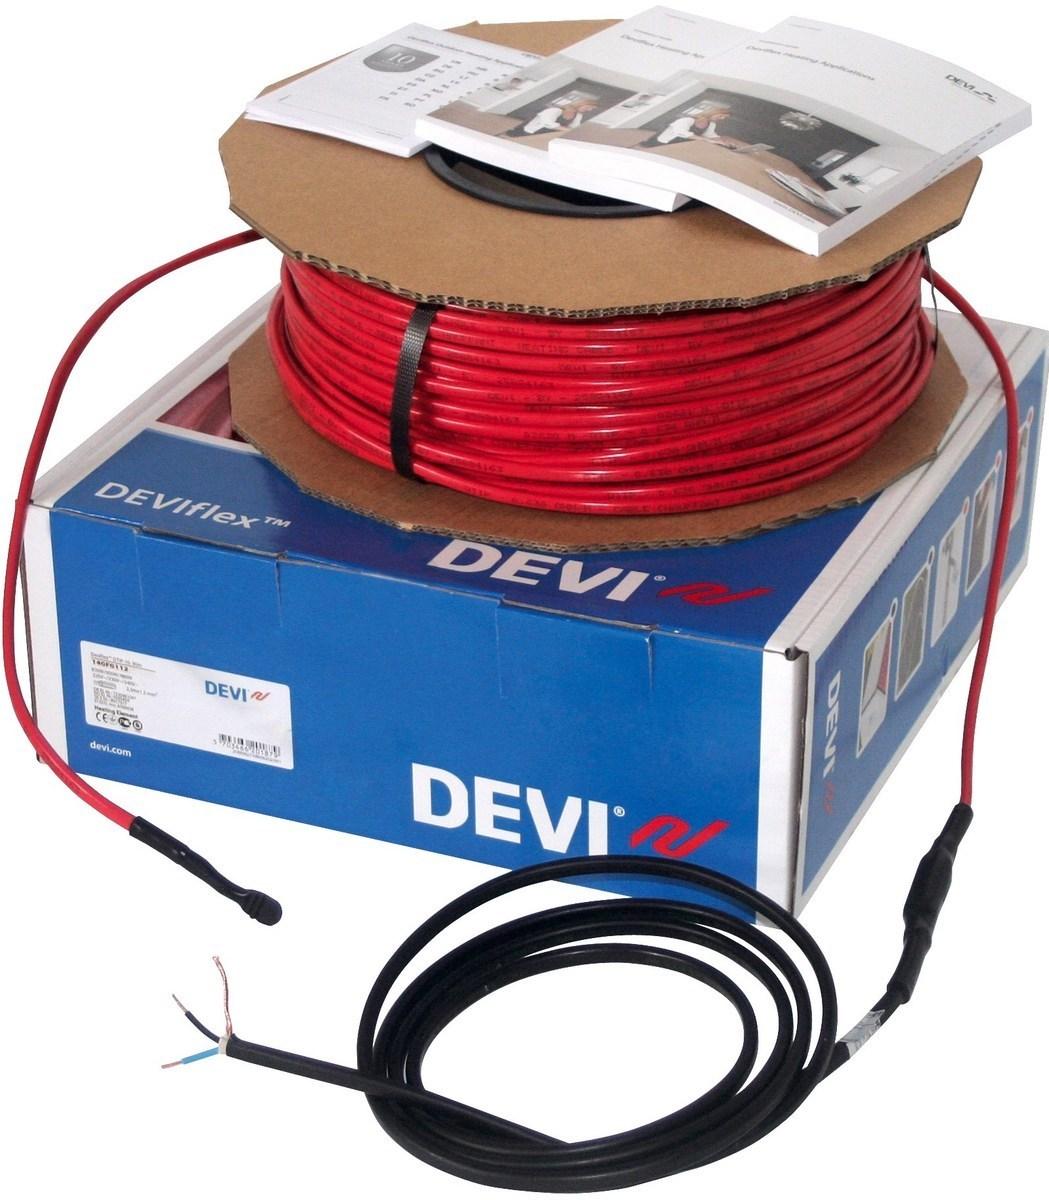 Ostan küttekaablit Deviflex 1220 W, 120 m, 230 V, DTIP-10 W/m, 140F1229